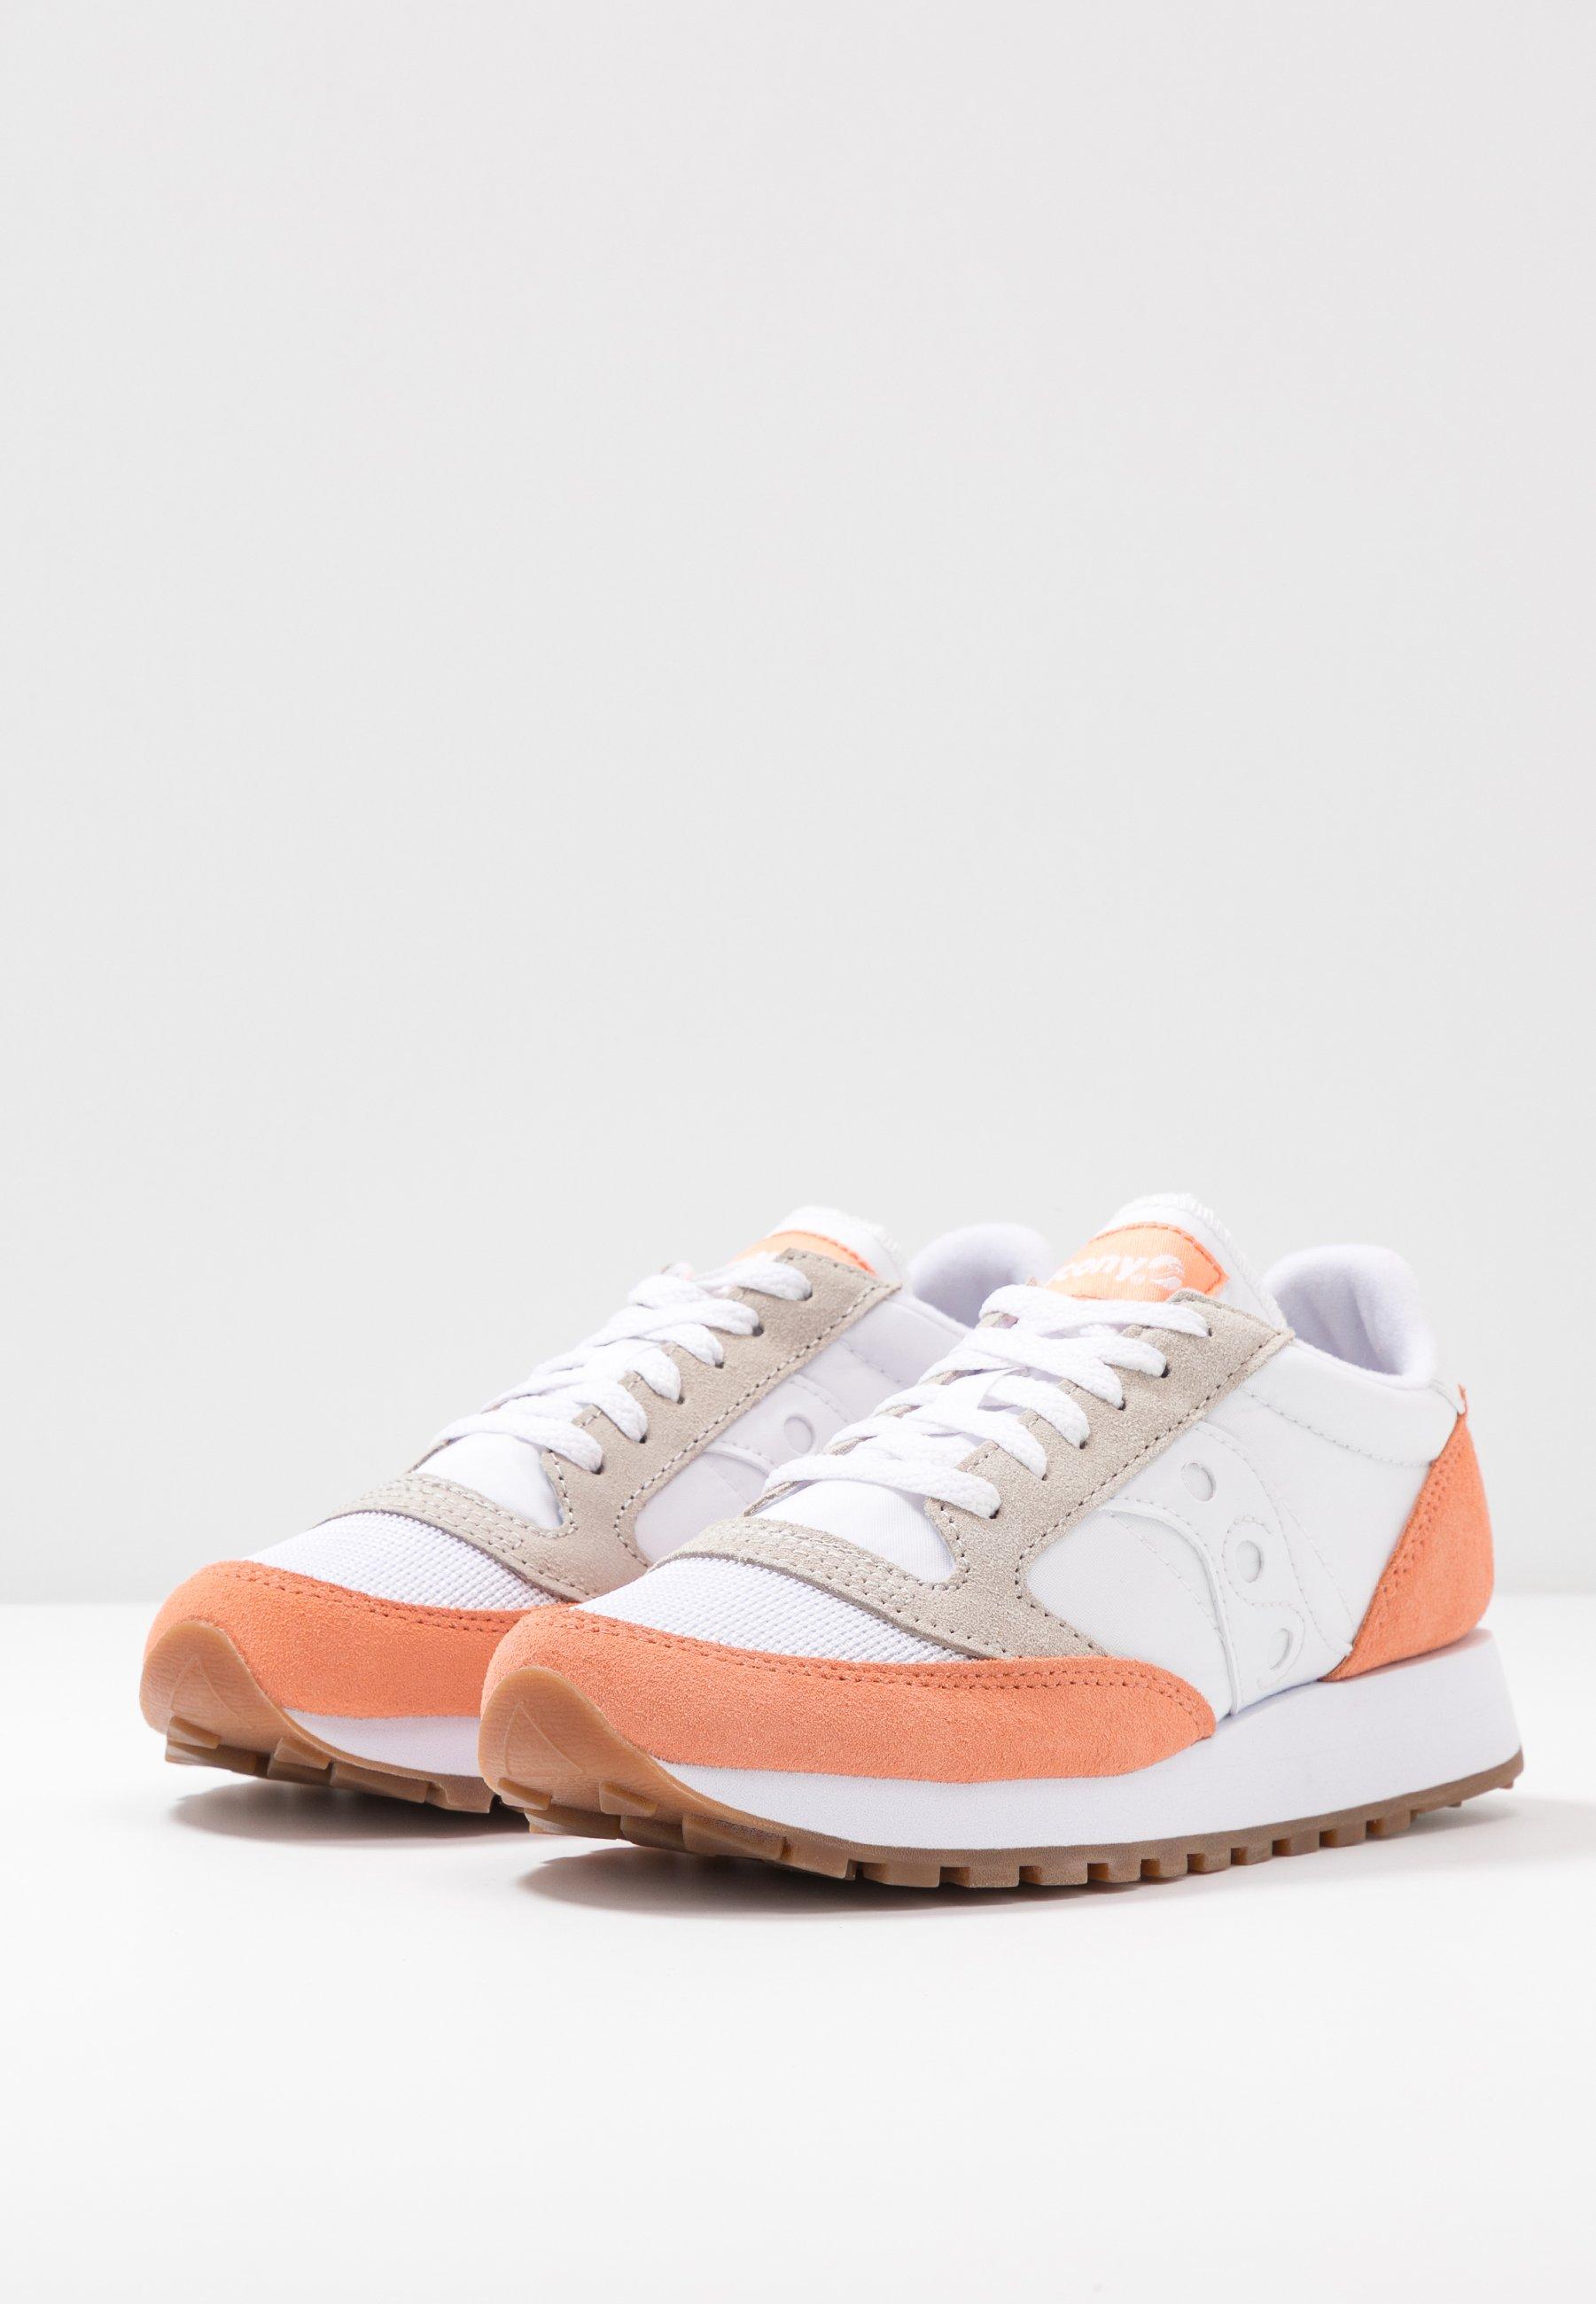 JAZZ VINTAGE Sneakers whitecantaloupe